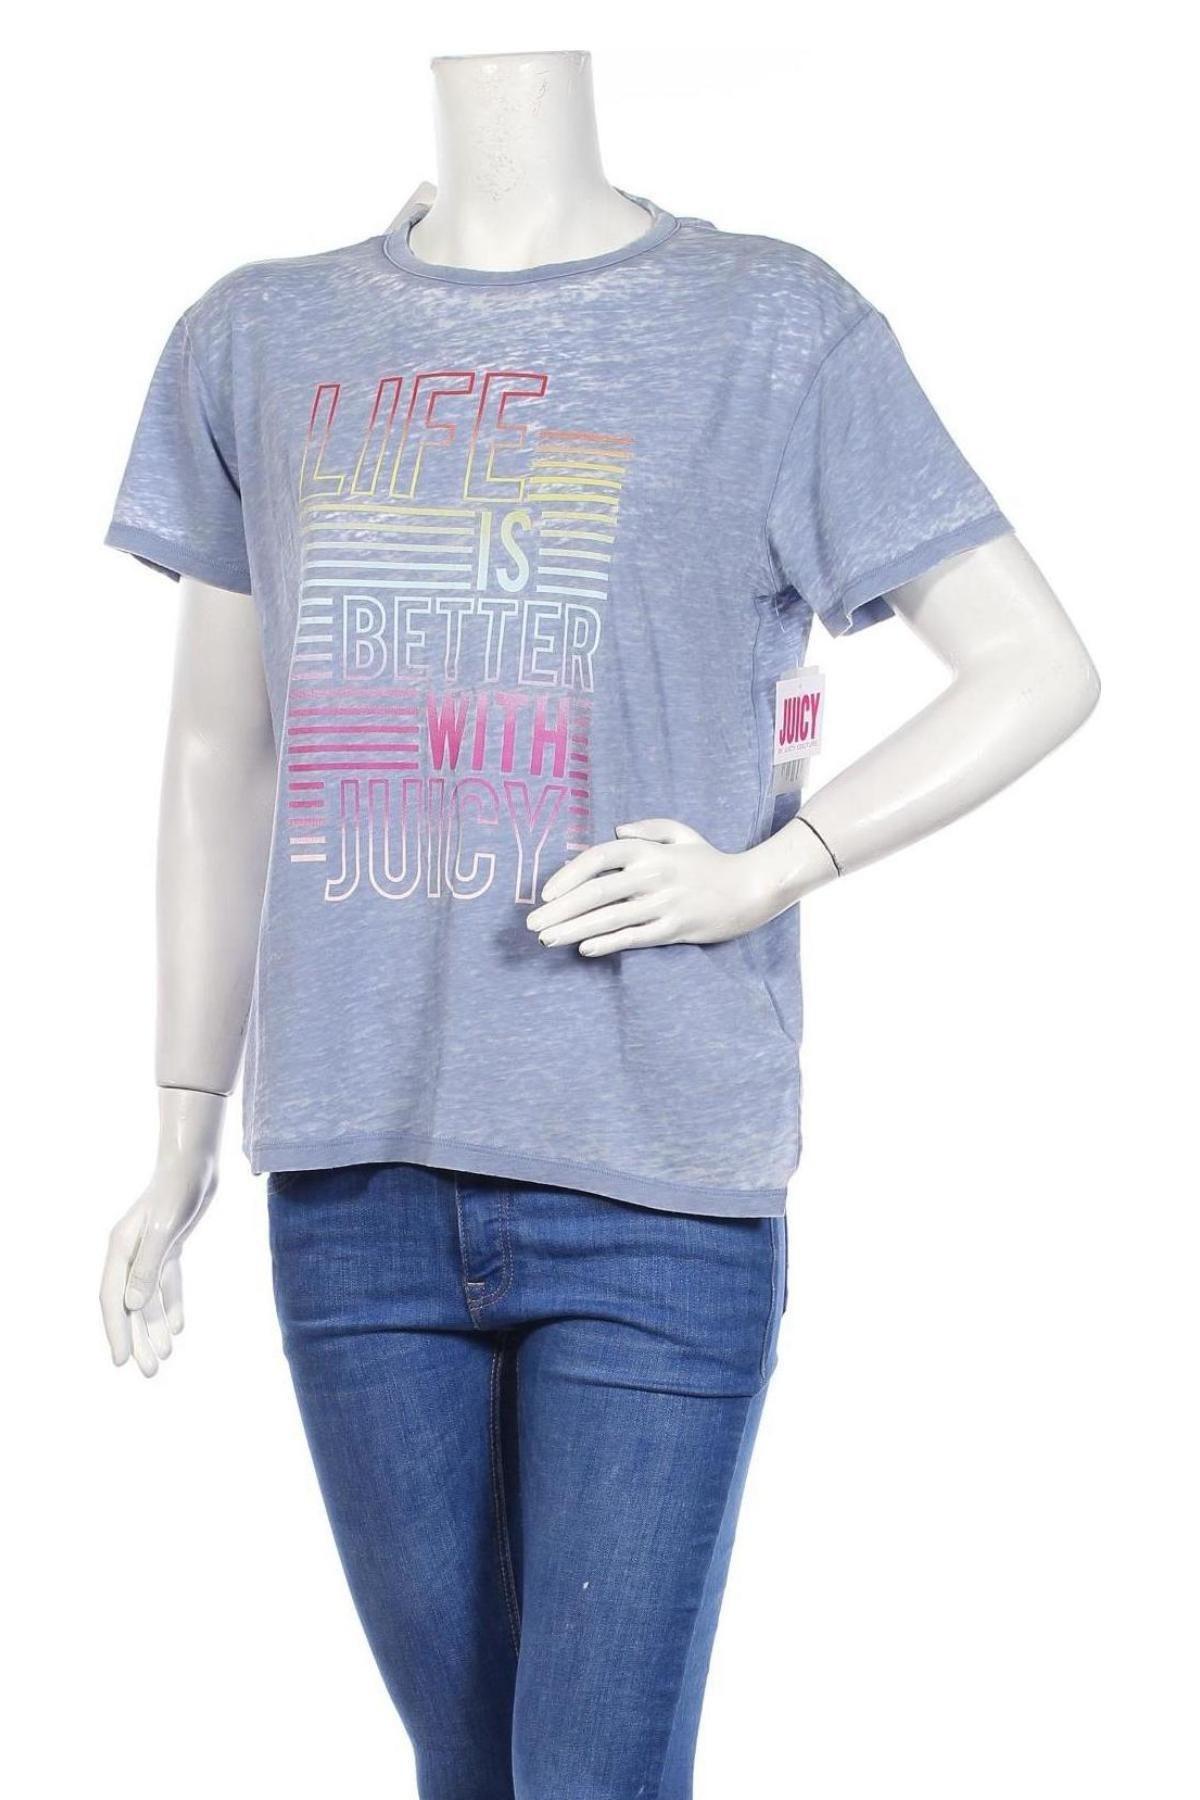 Дамска тениска Juicy Couture, Размер S, Цвят Син, 53% памук, 47% полиестер, Цена 42,90лв.